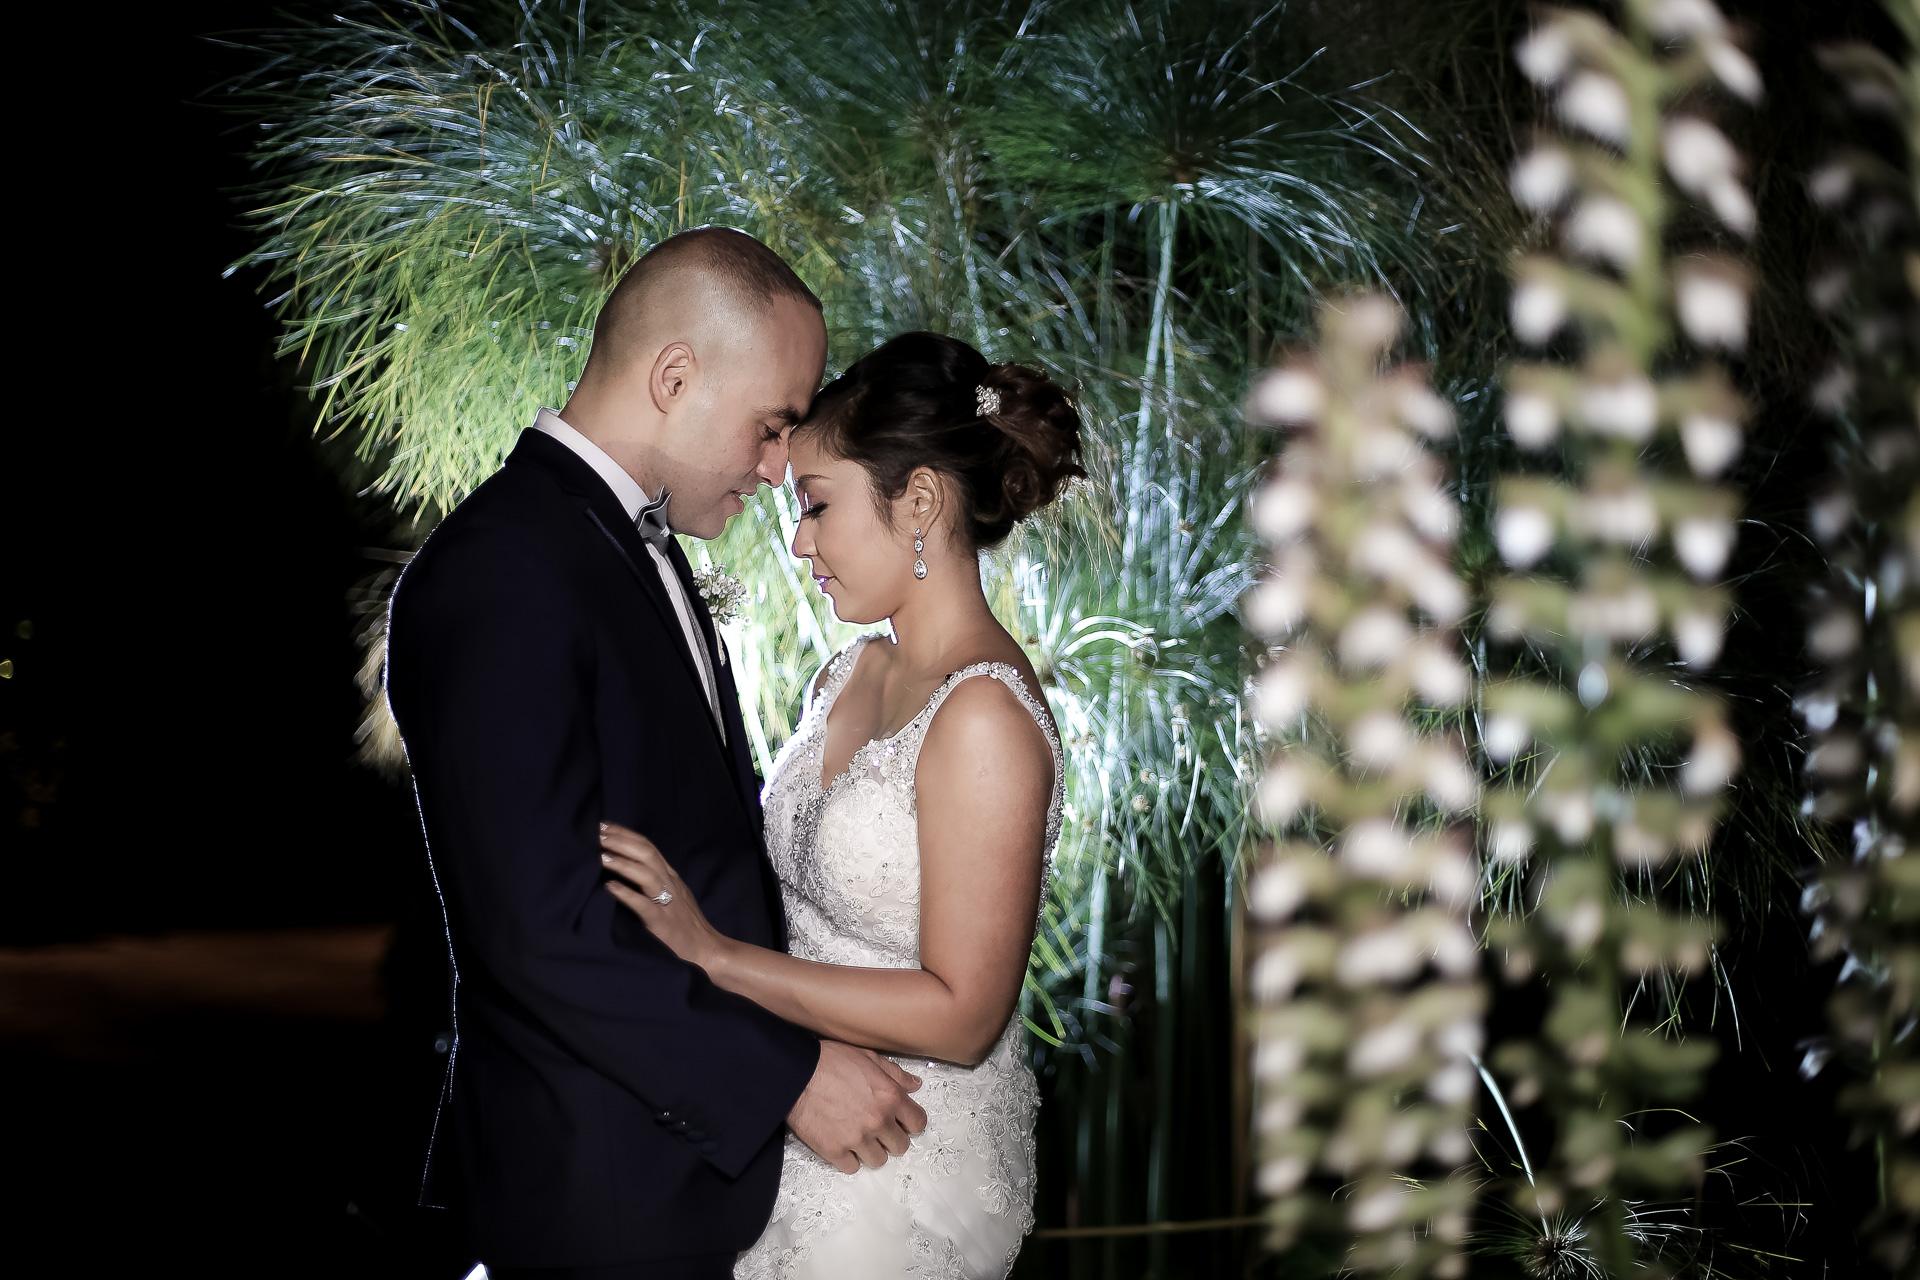 Fotógrafos-de-bodas-en-Colombia-Fidel-y-Benneth-11 FIDEL + BENNETH